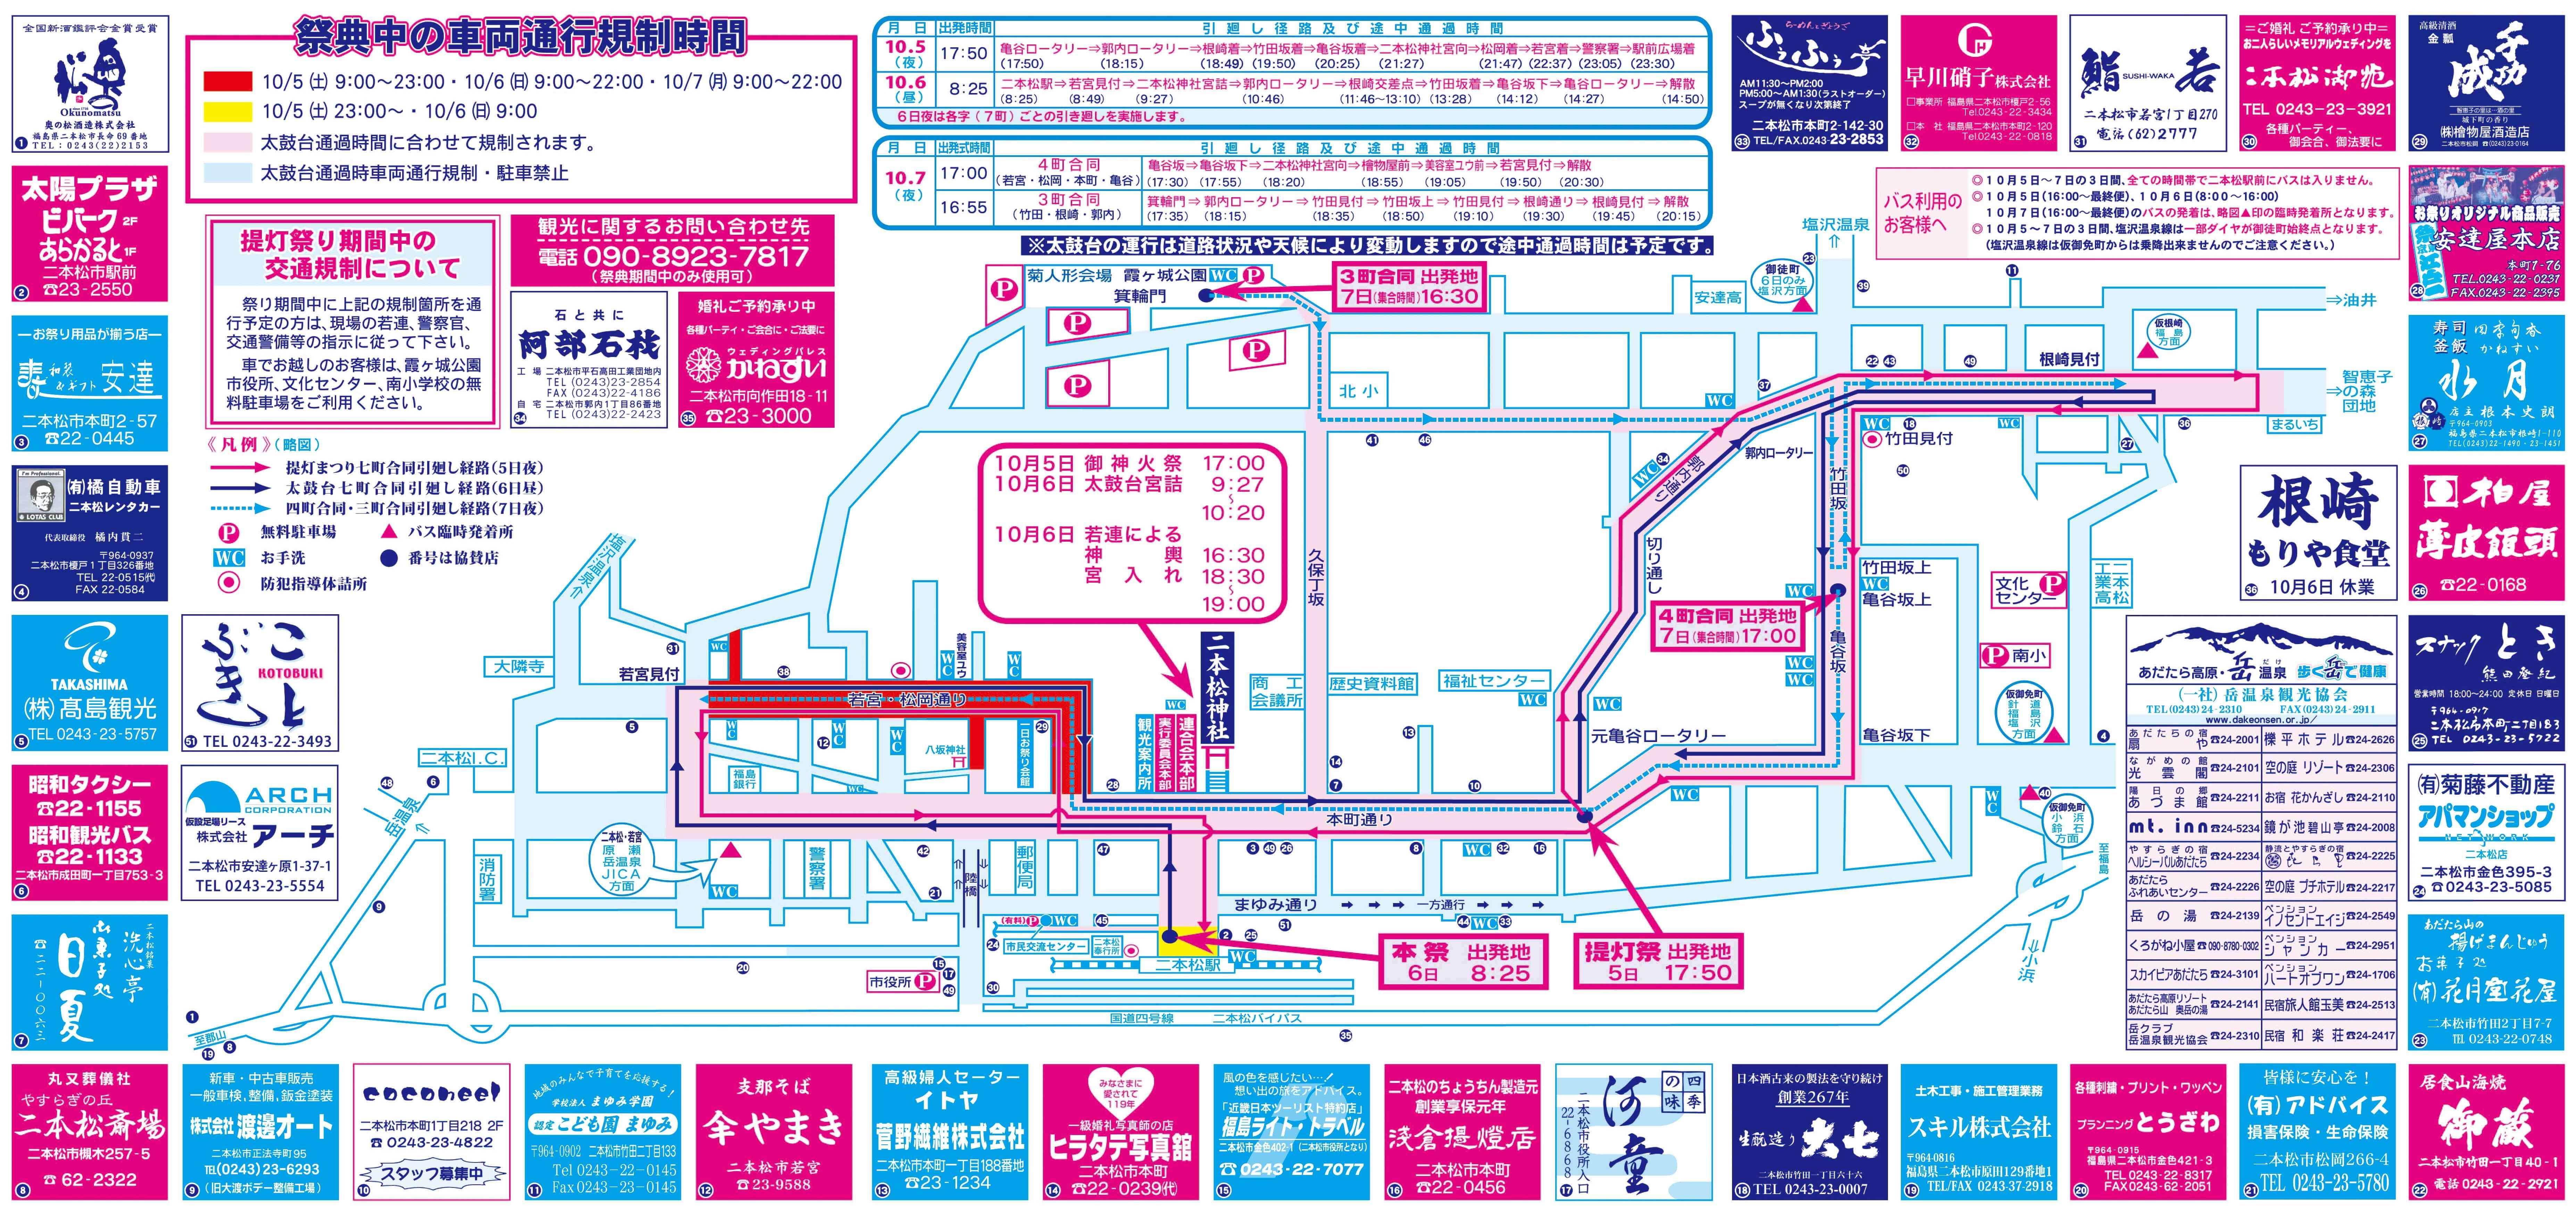 2019年二本松の提灯祭り運行マップ